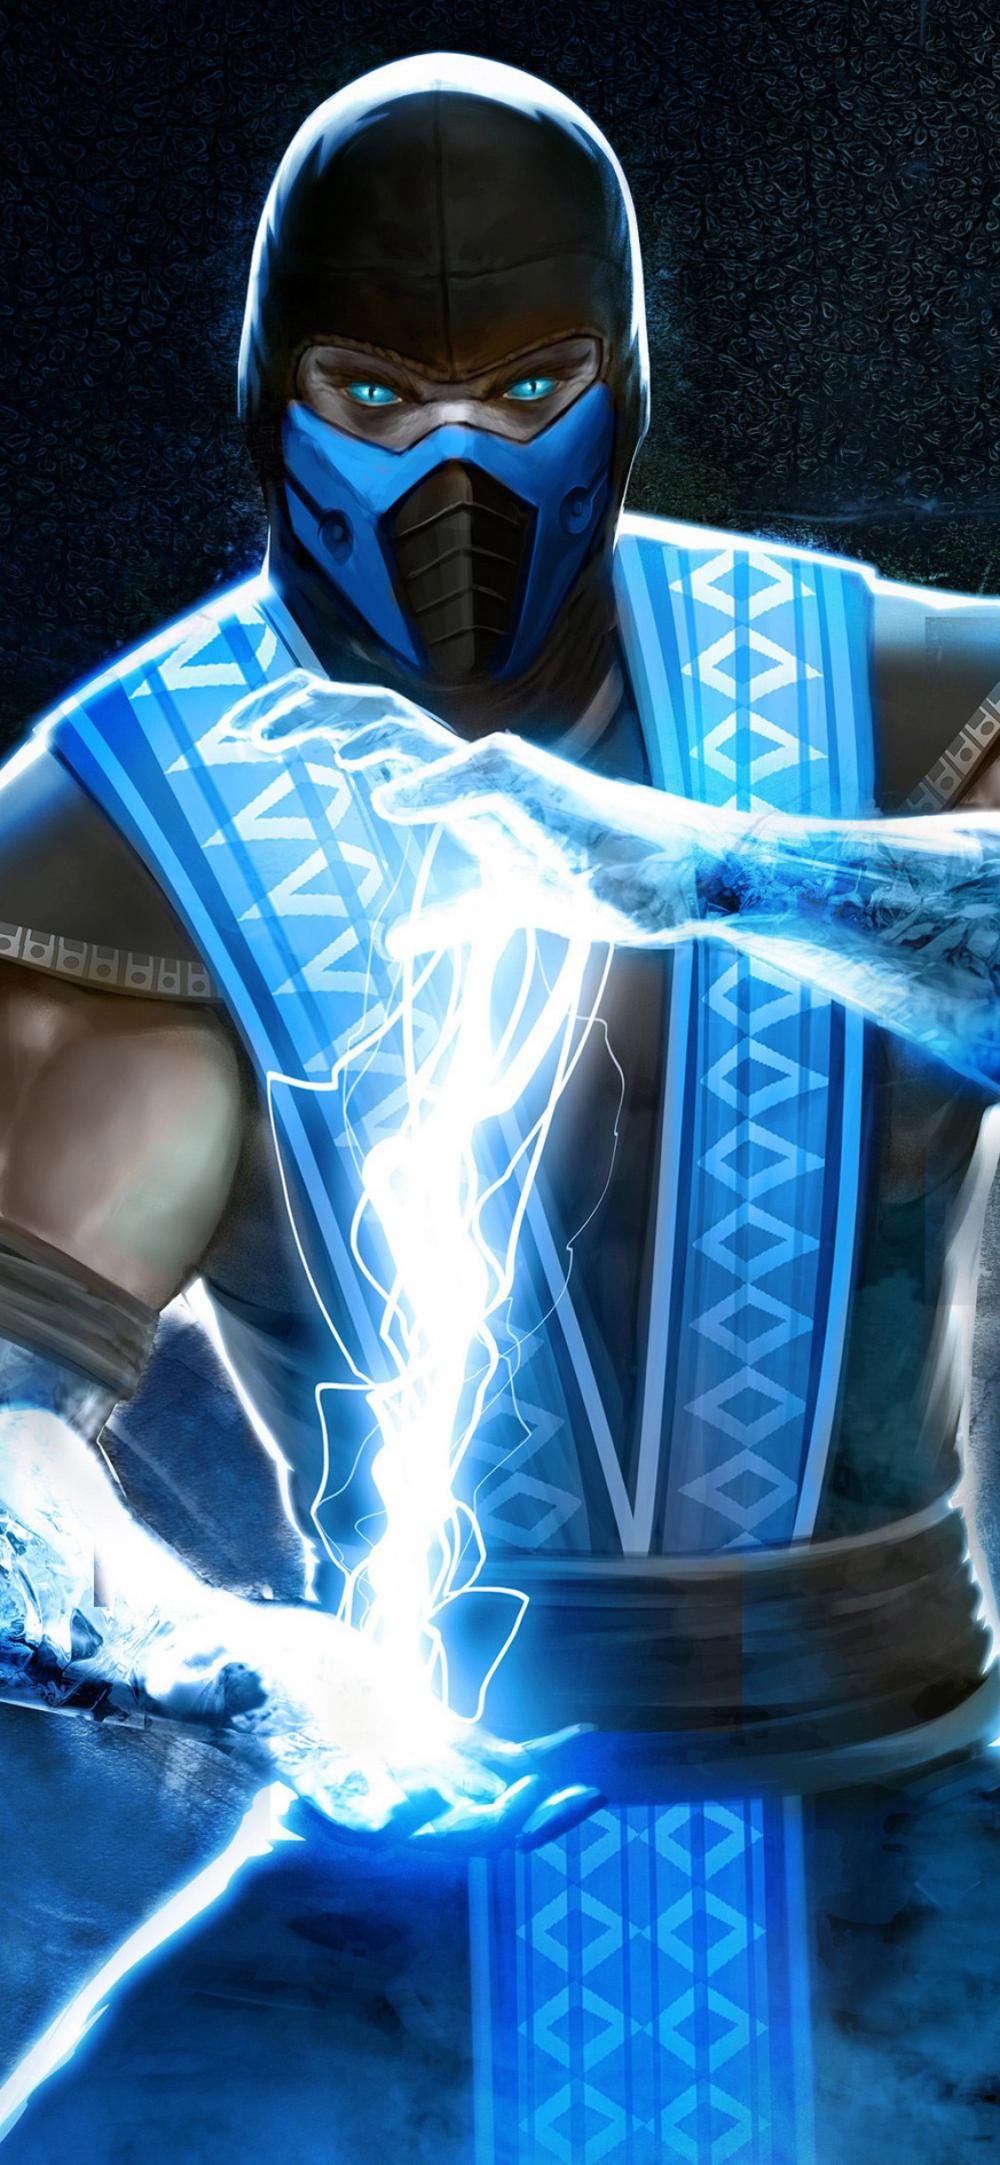 Sub Zero In Mortal Kombat Sub Zero Mortal Kombat Mortal Kombat Art Mortal Kombat X Wallpapers